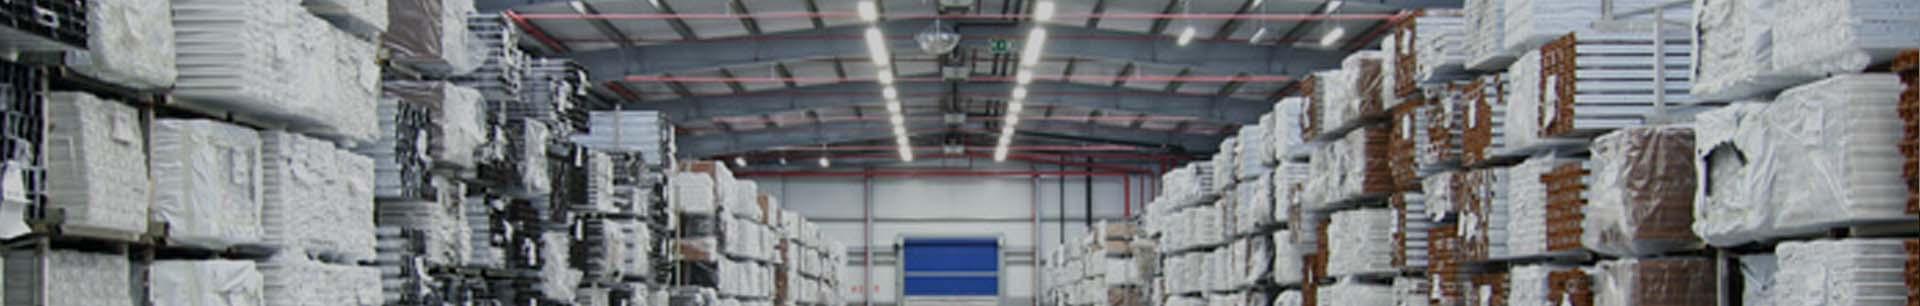 Limpieza industrial en madrid f bricas y naves for Precios limpieza alfombras madrid